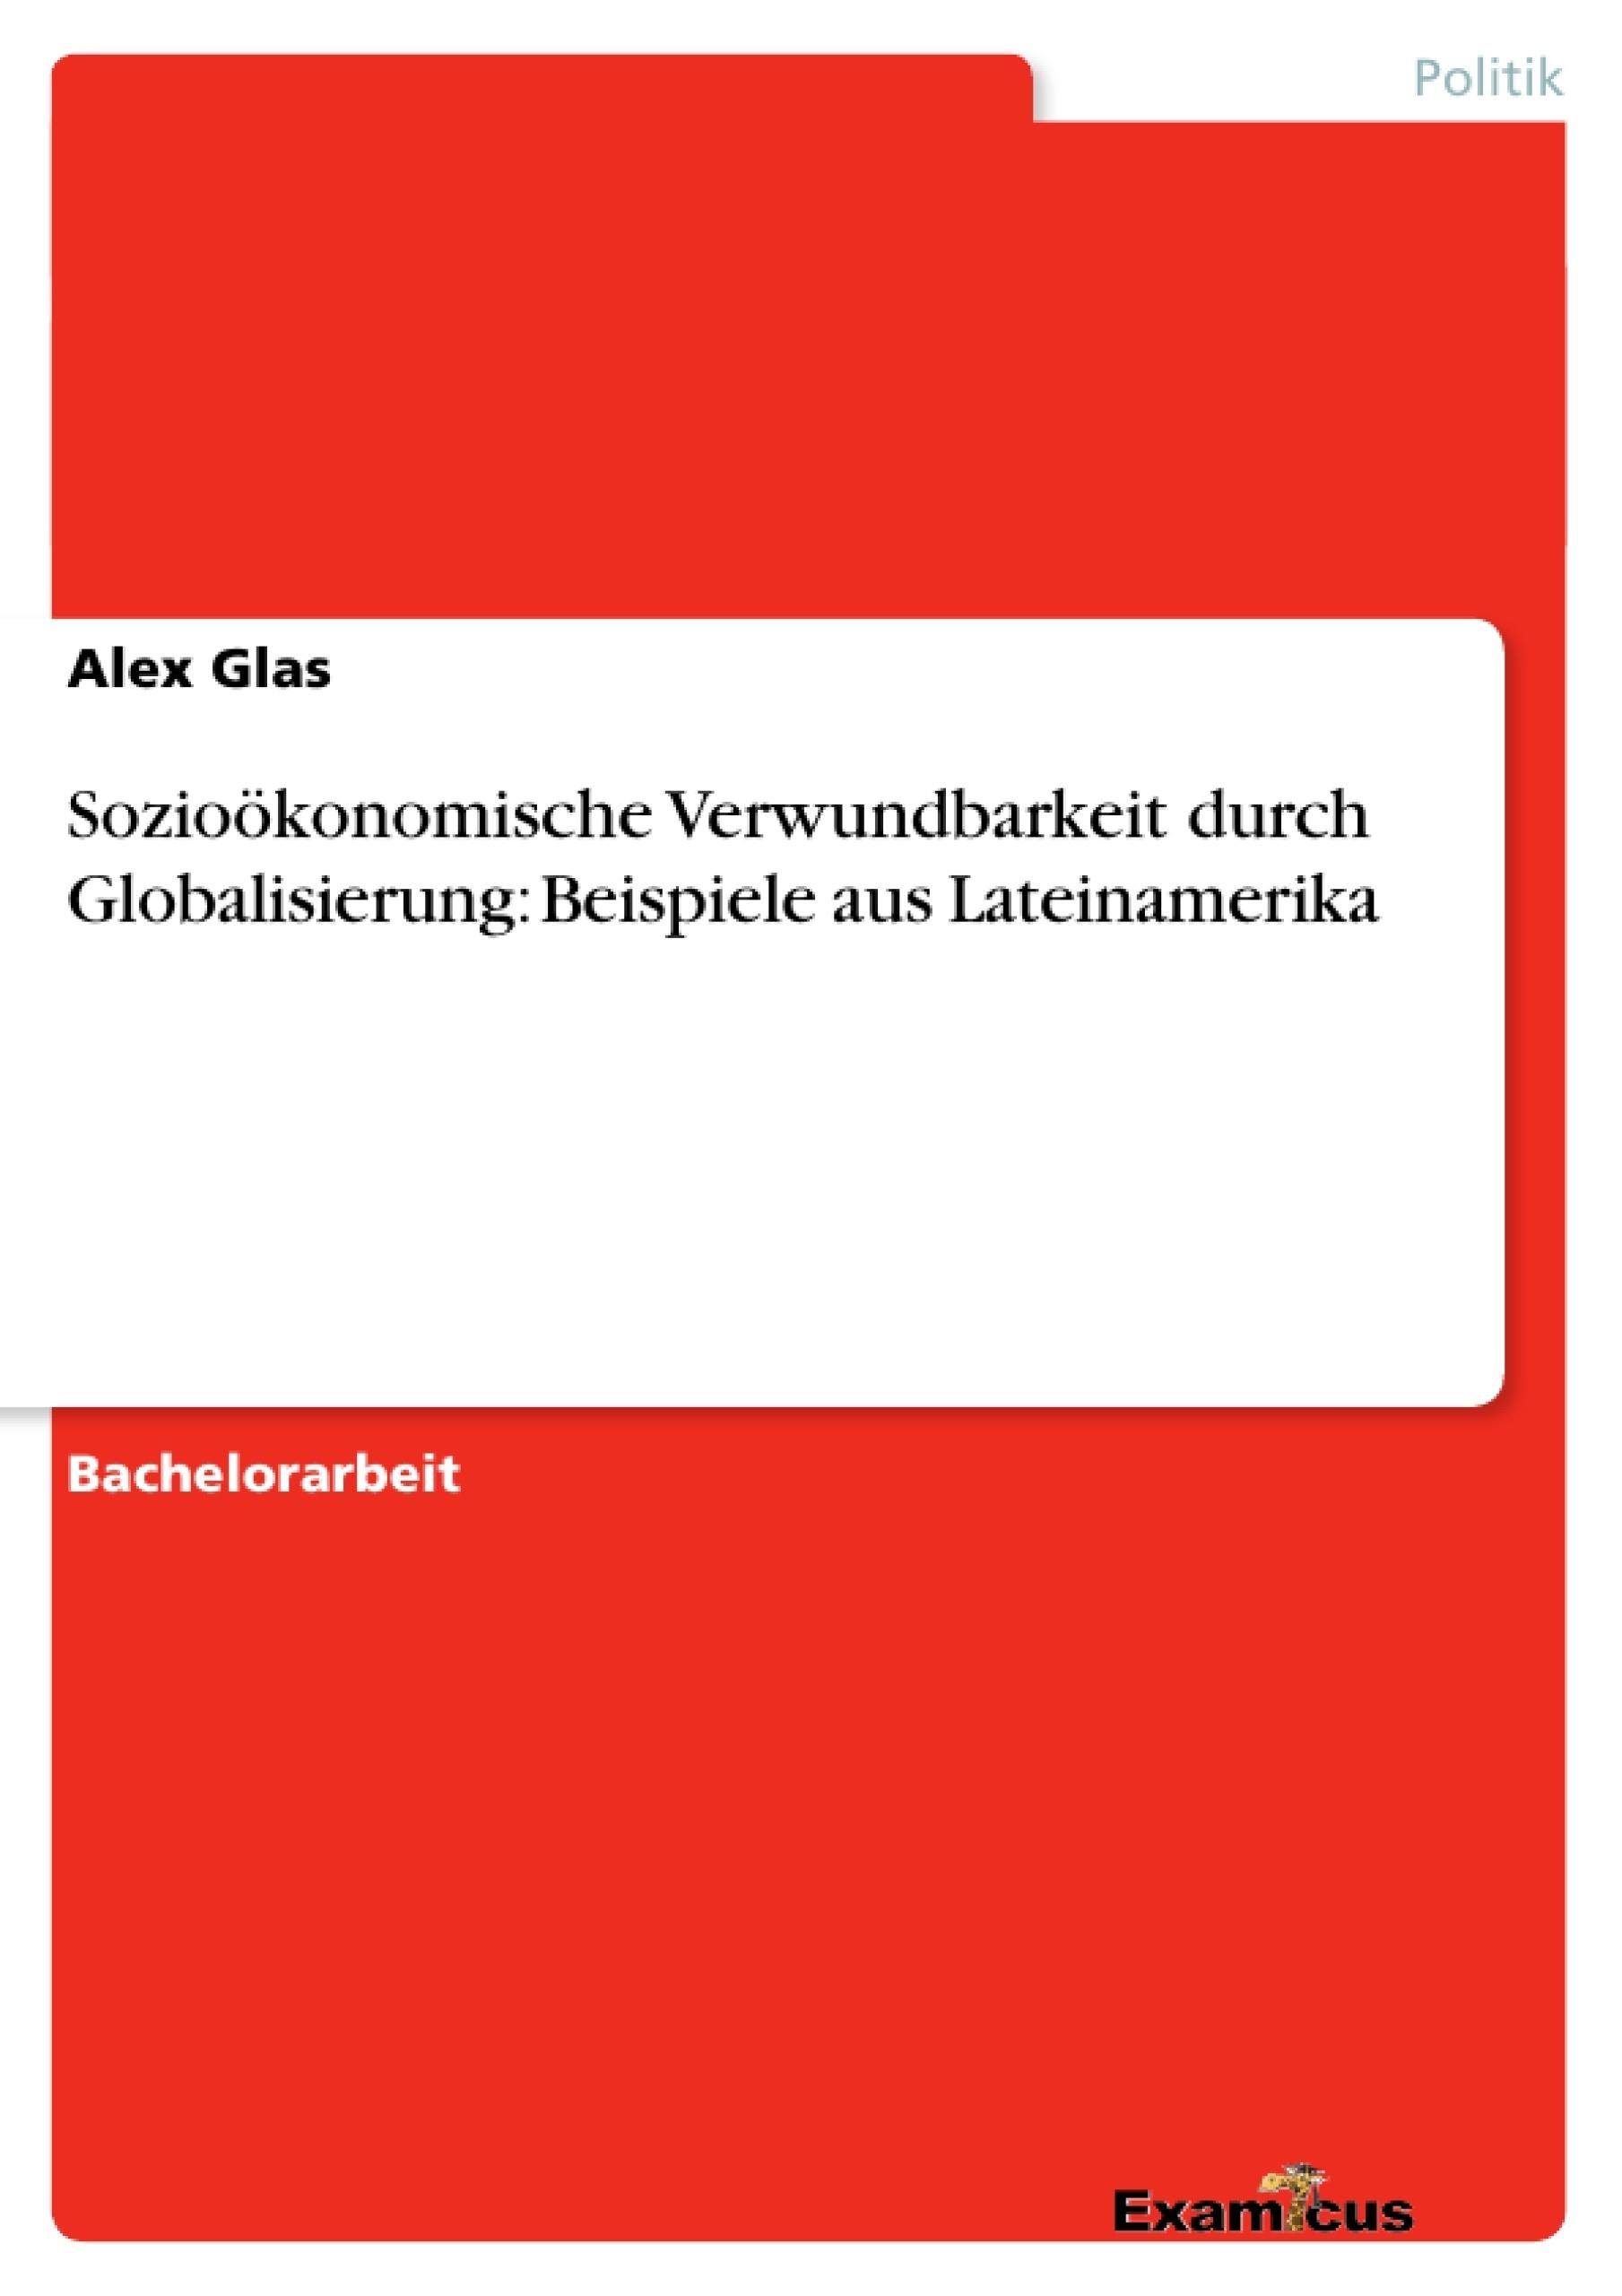 Titel: Sozioökonomische Verwundbarkeit durch Globalisierung: Beispiele aus Lateinamerika